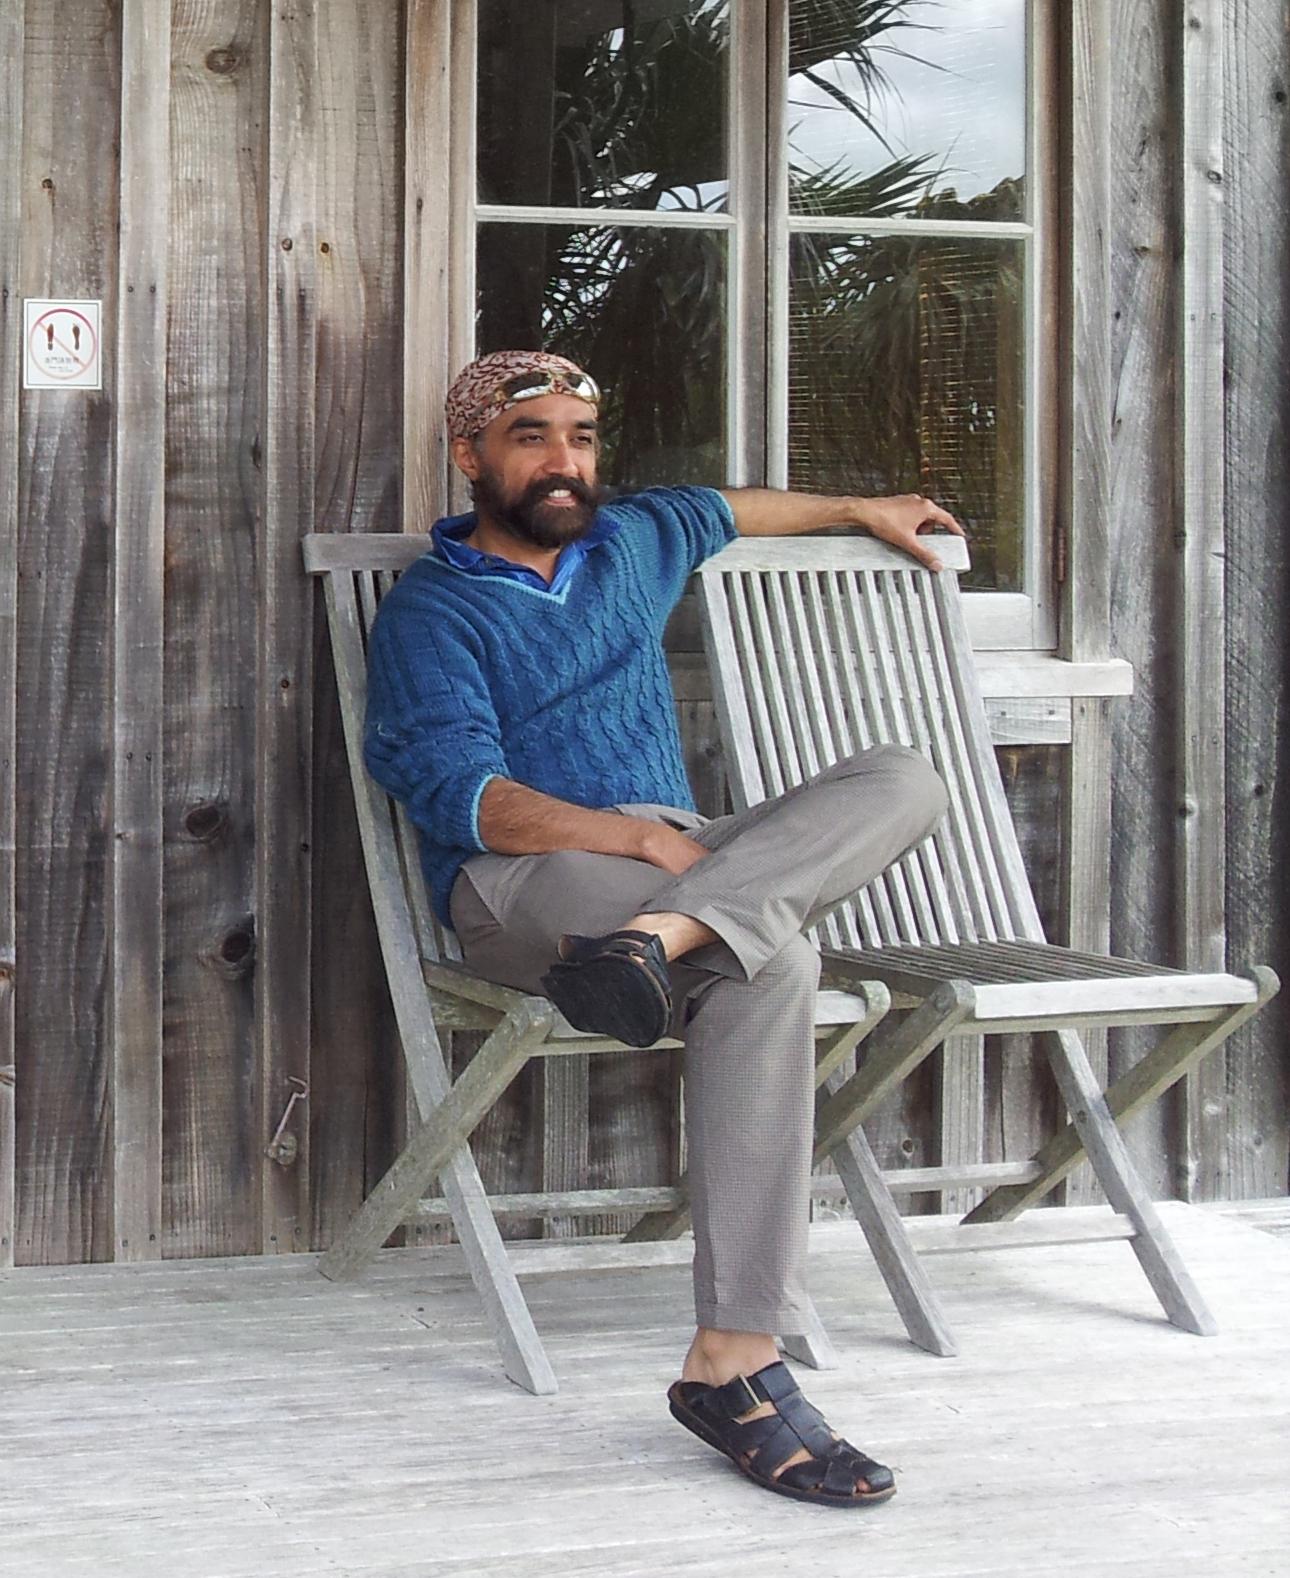 prabhjyot-majithia-profile-photo.jpg